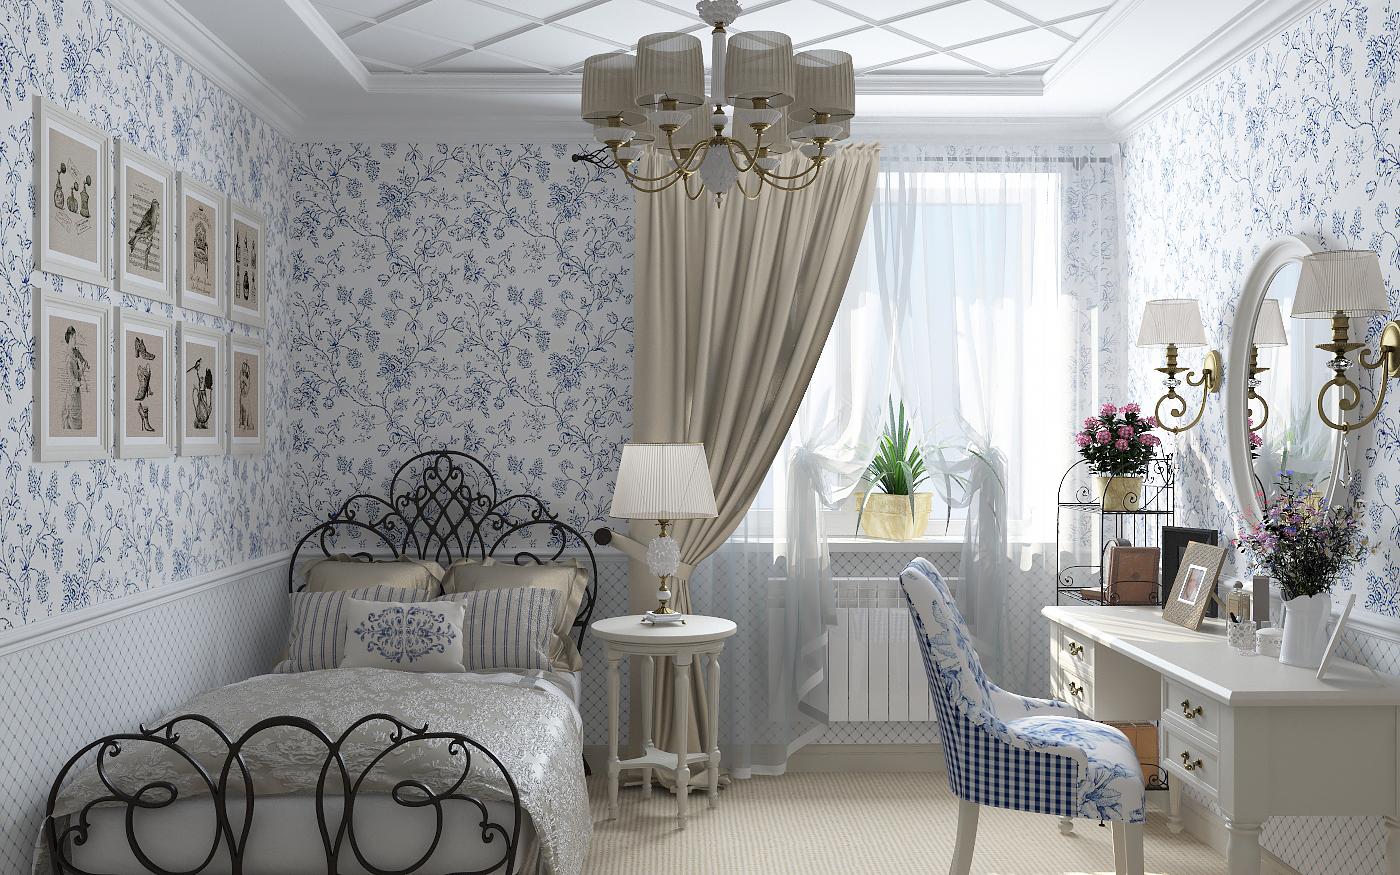 дизайн интерьера квартир студий 30 м